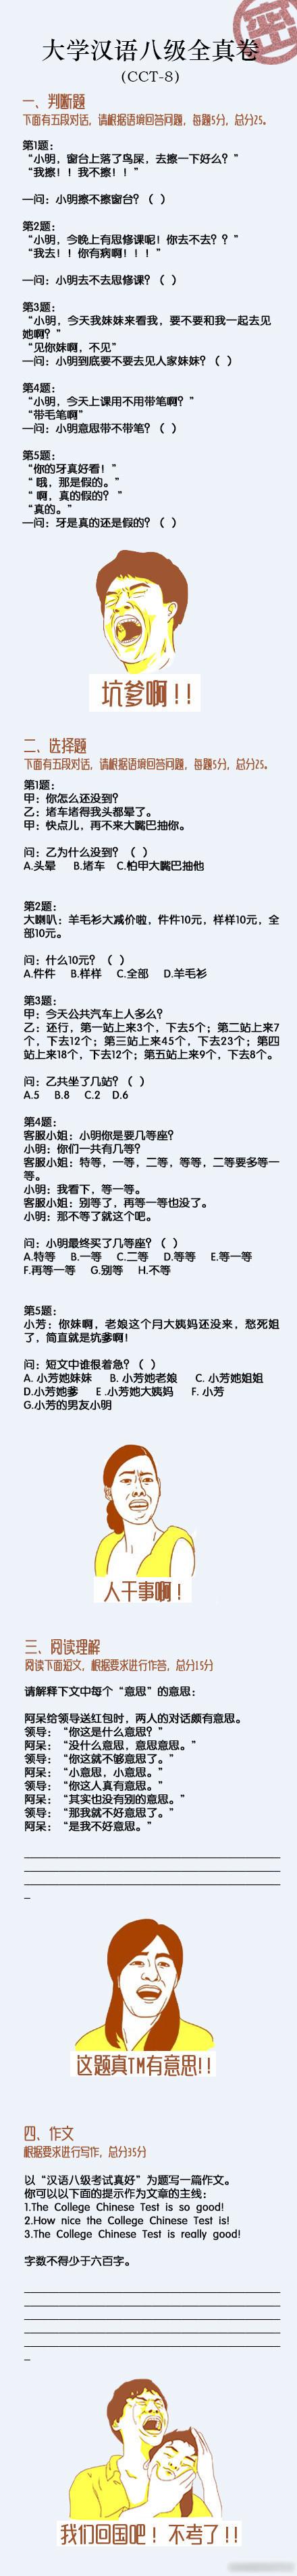 我觉得吧,出一份这样的汉语等级考试的试卷……英语四六级的大仇可报也!